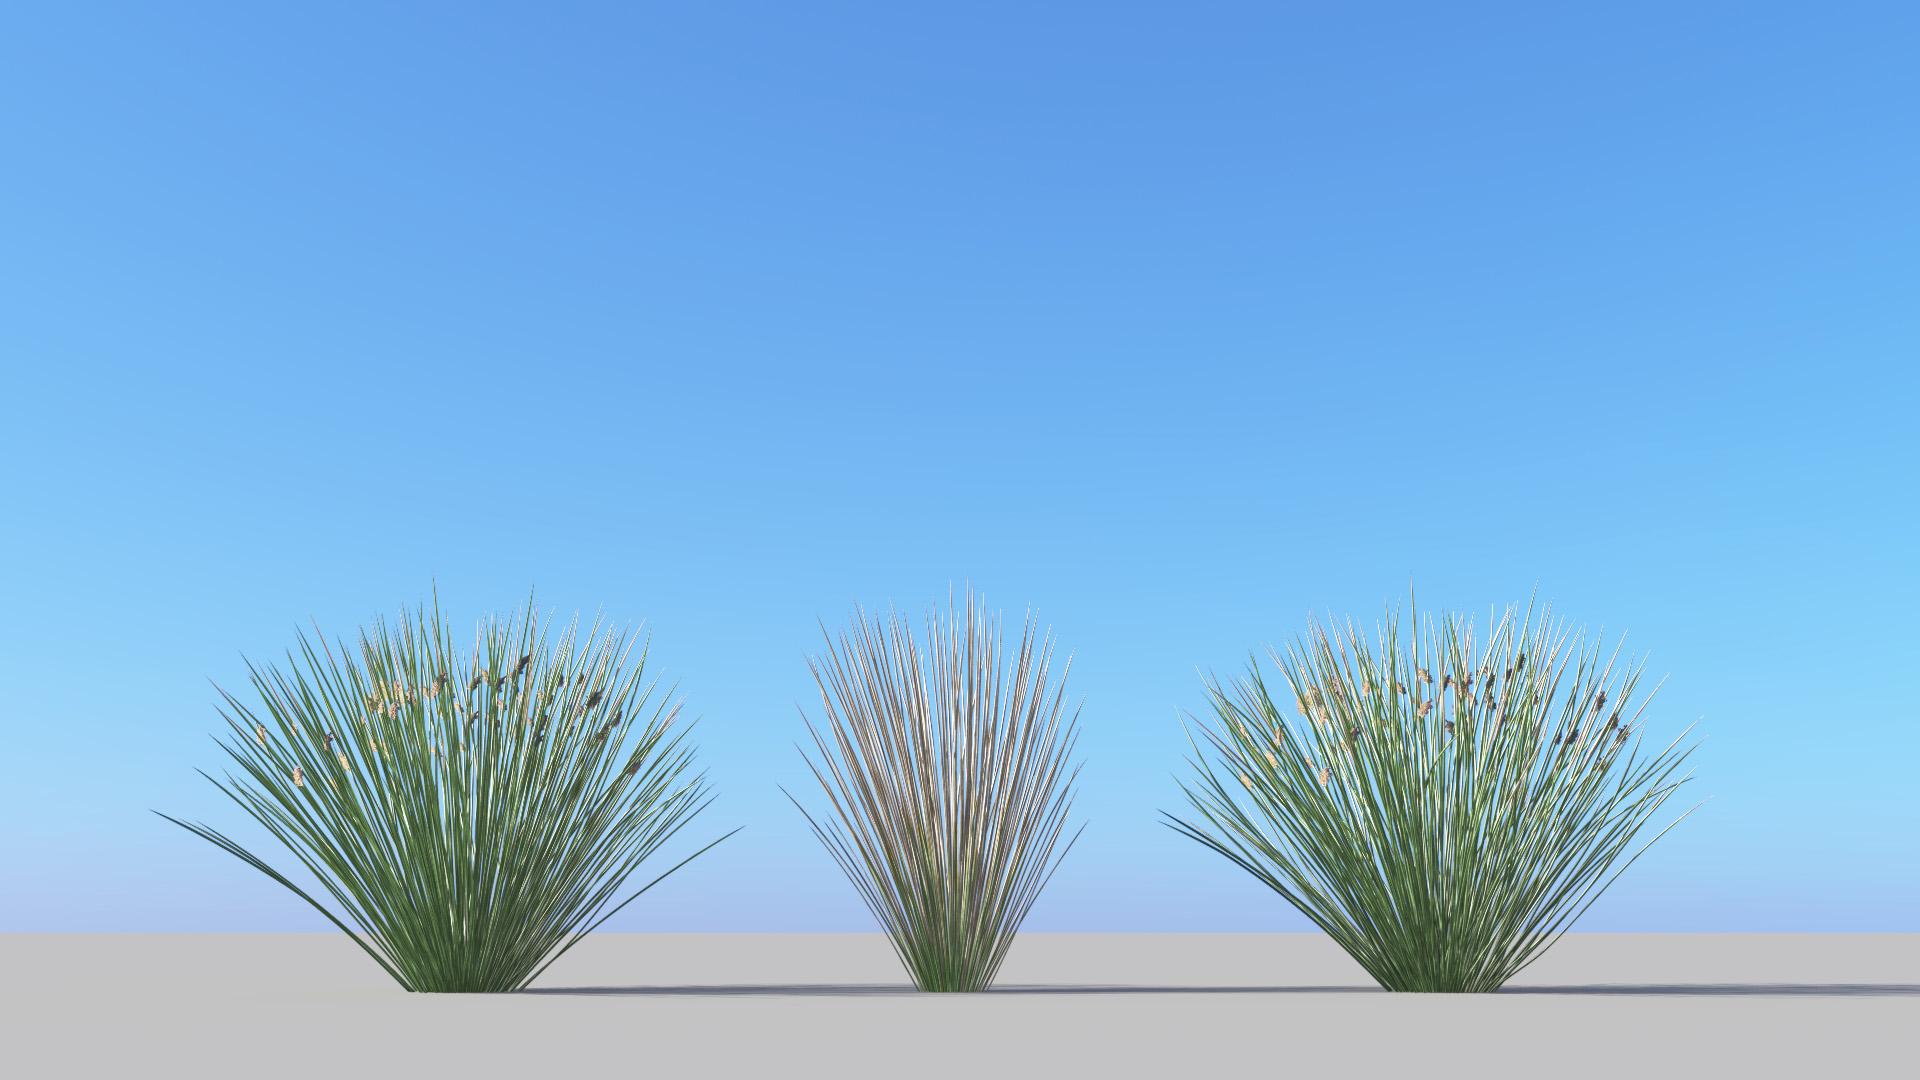 3D model of the Sea rush Juncus rigidus